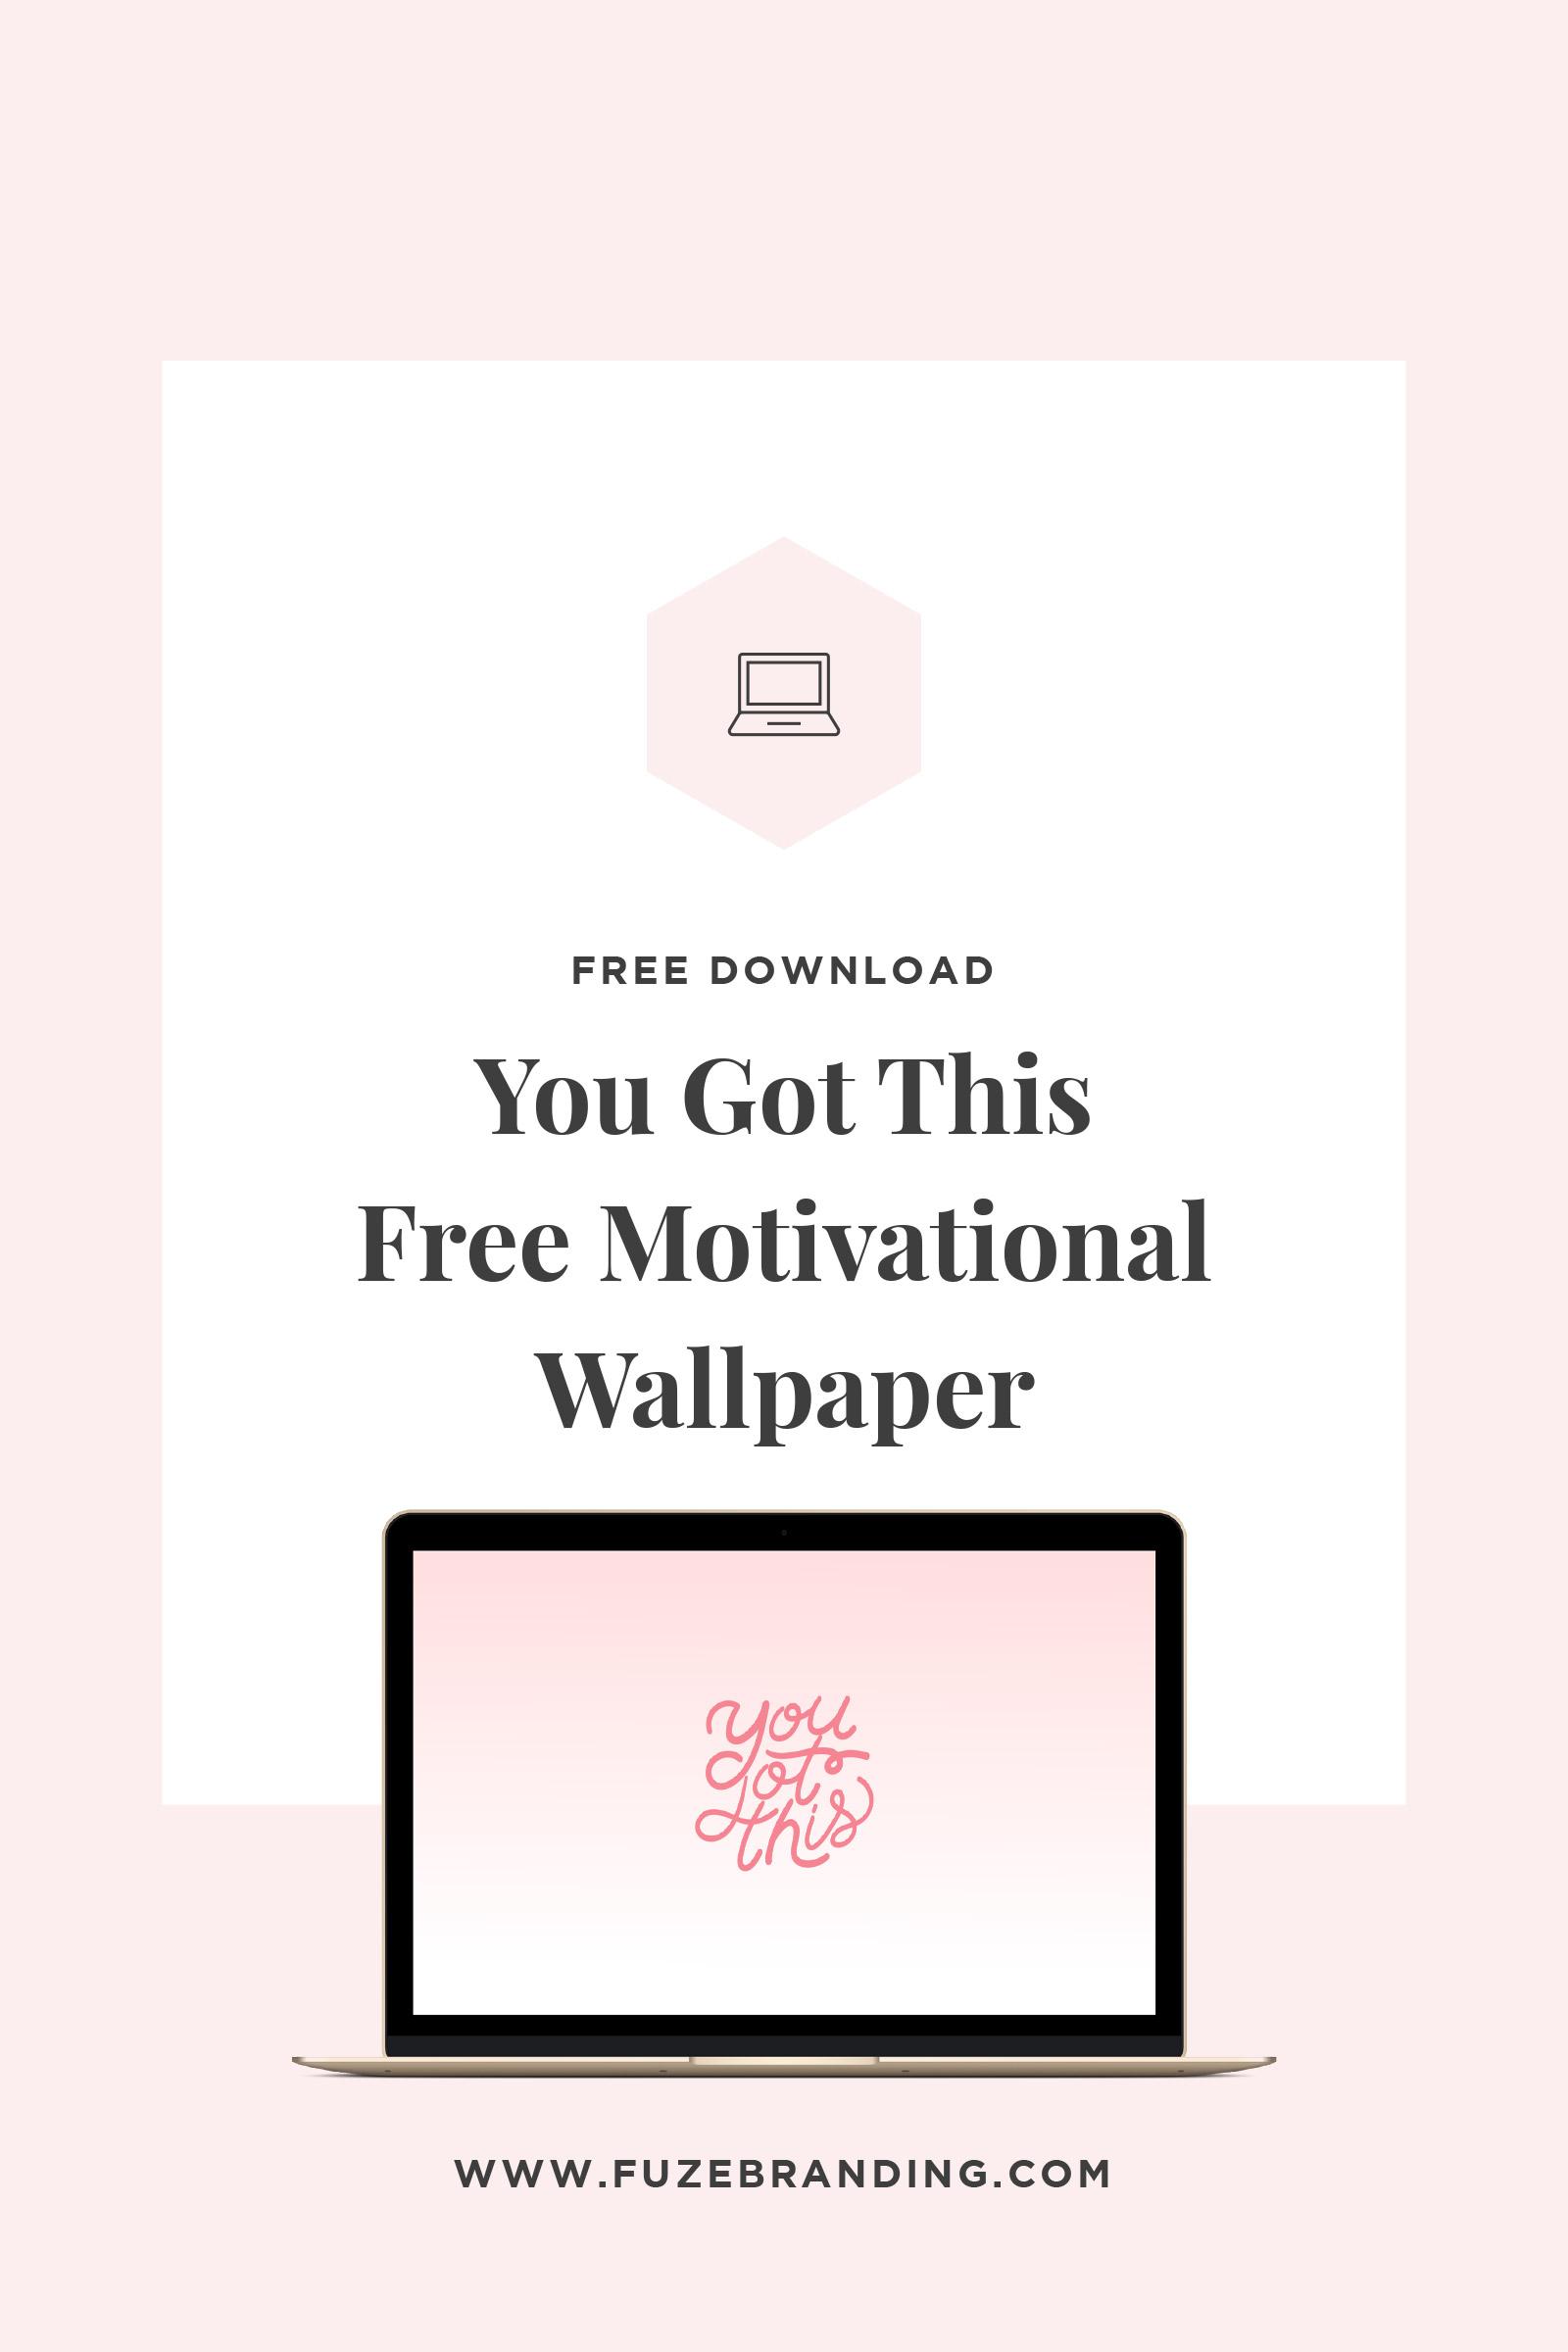 Motivational Desktop Cute Wallpaper Fuze Branding You Got This Free Motivational Wallpaper